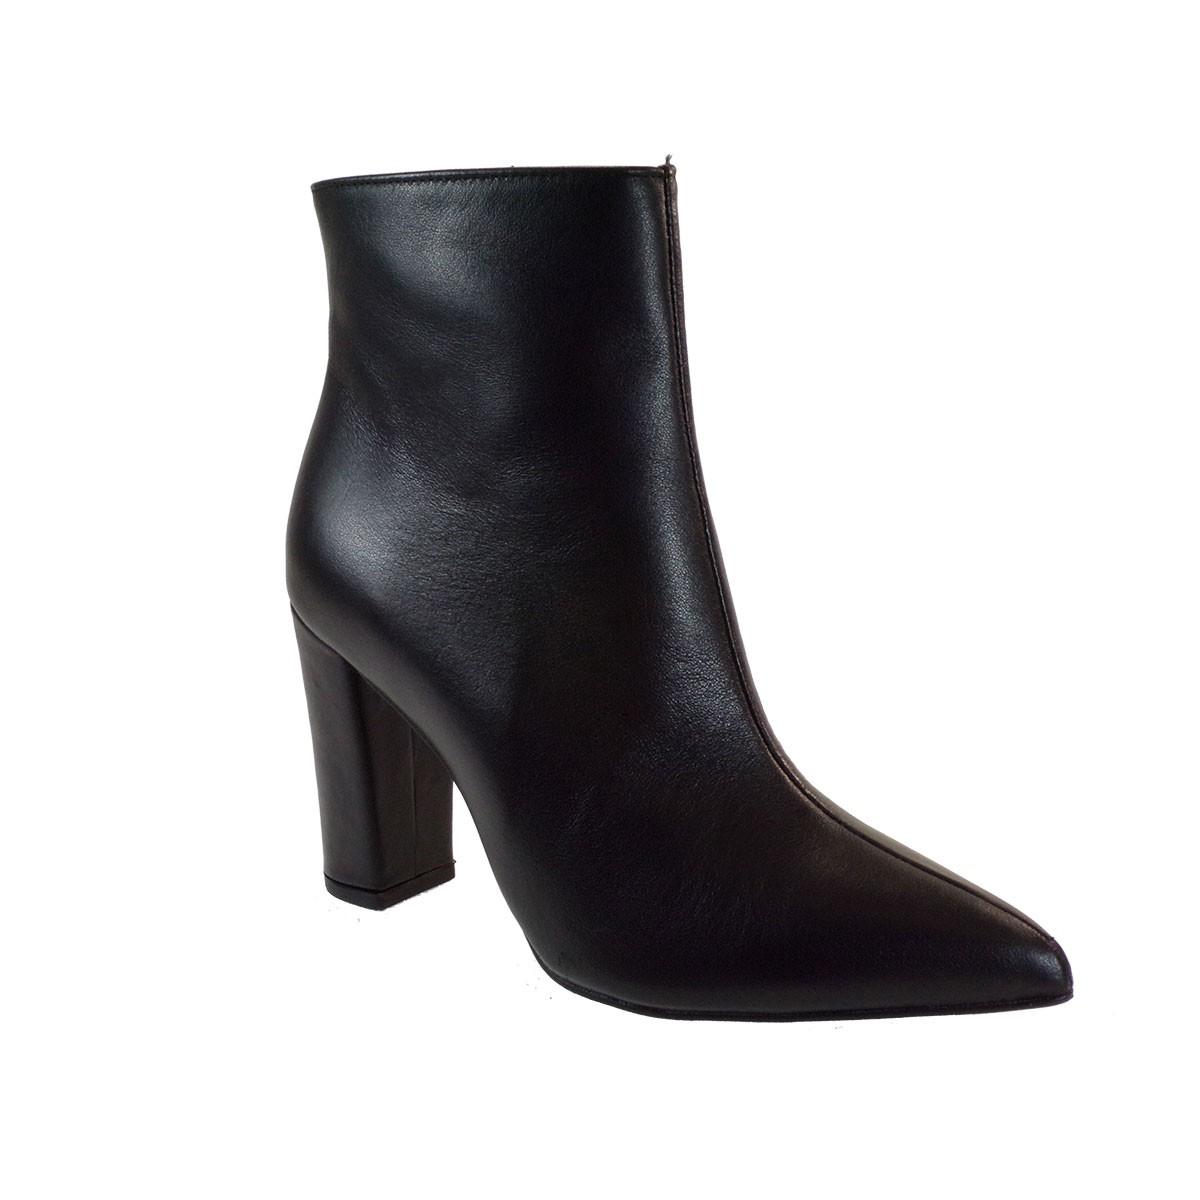 Moods Shoes Γυναικεία Μποτάκια 7010 Μαύρο Δέρμα